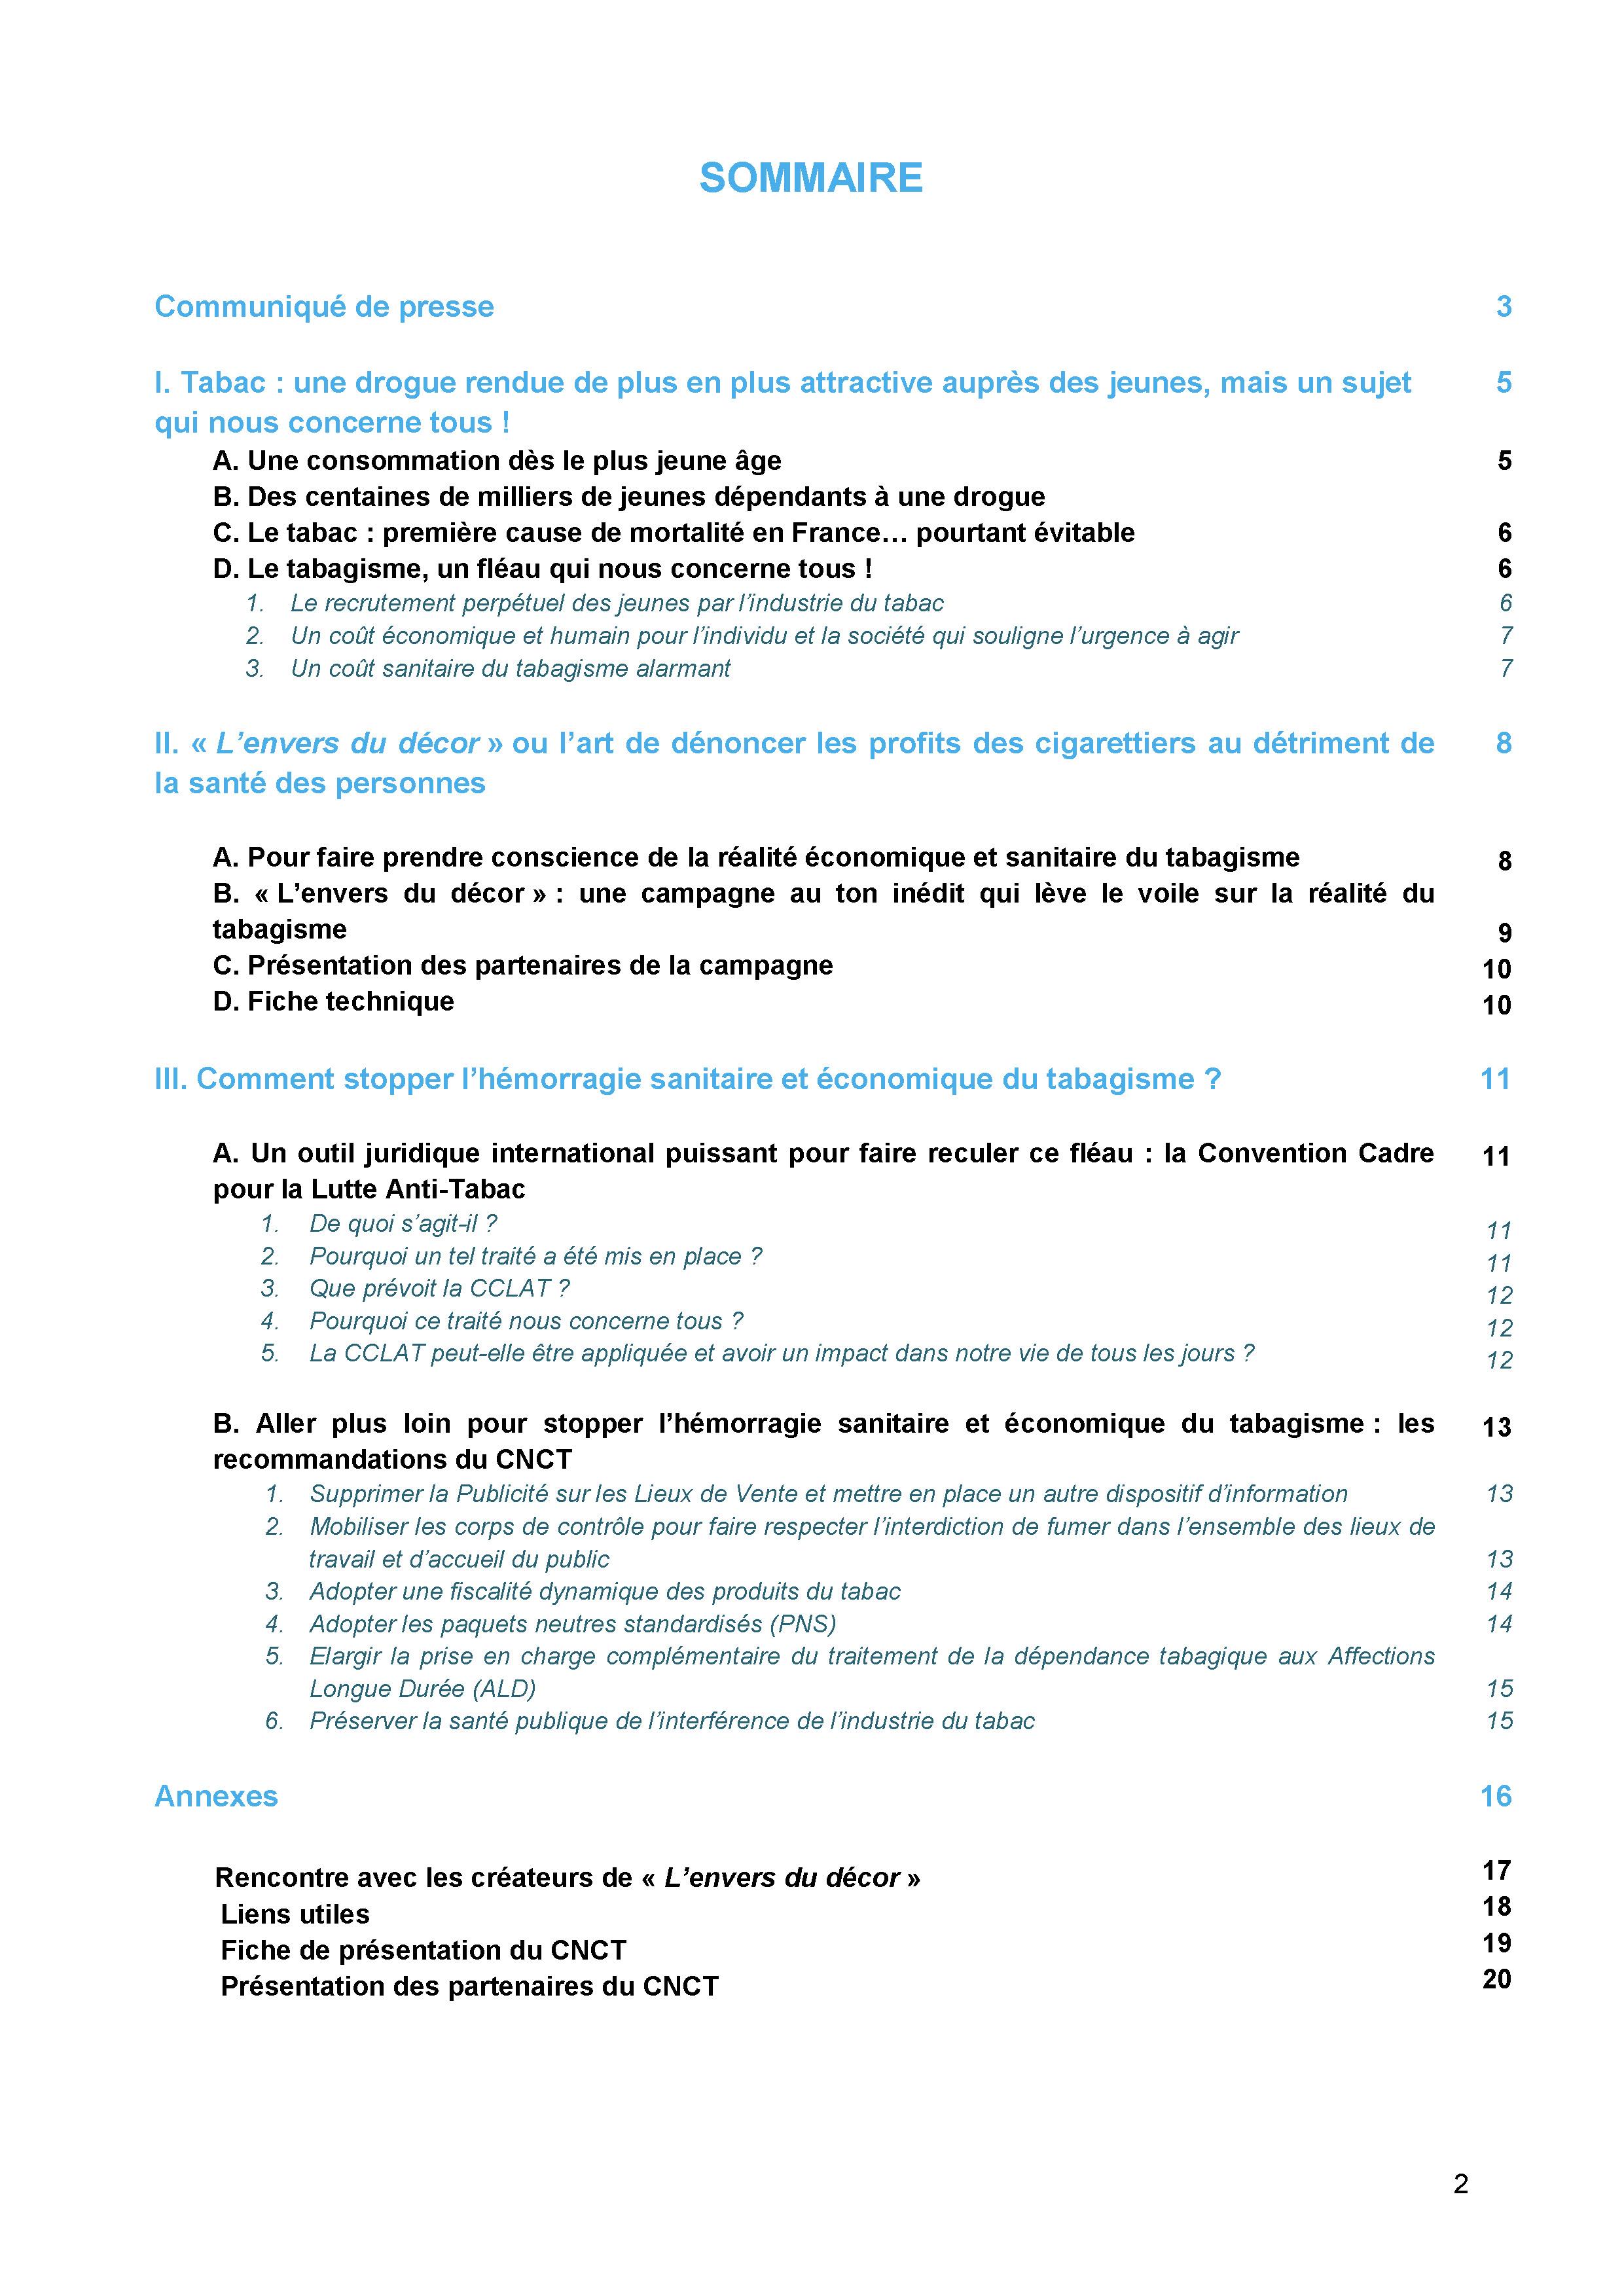 CNCT-DP-l-envers-du-decor-17mai2011_Page_02.jpg